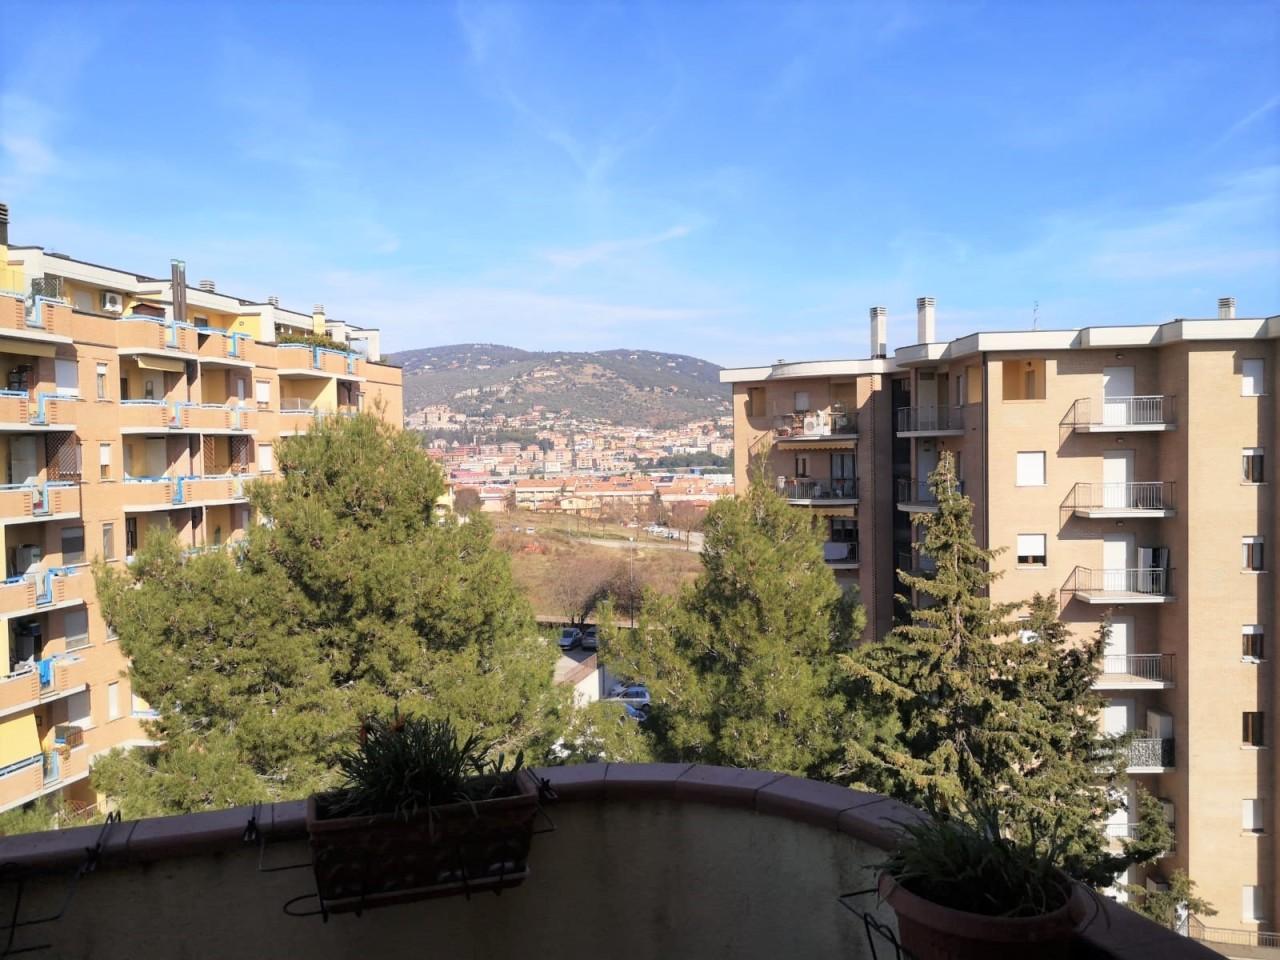 Appartamento in vendita a Corciano, 5 locali, prezzo € 115.000 | PortaleAgenzieImmobiliari.it